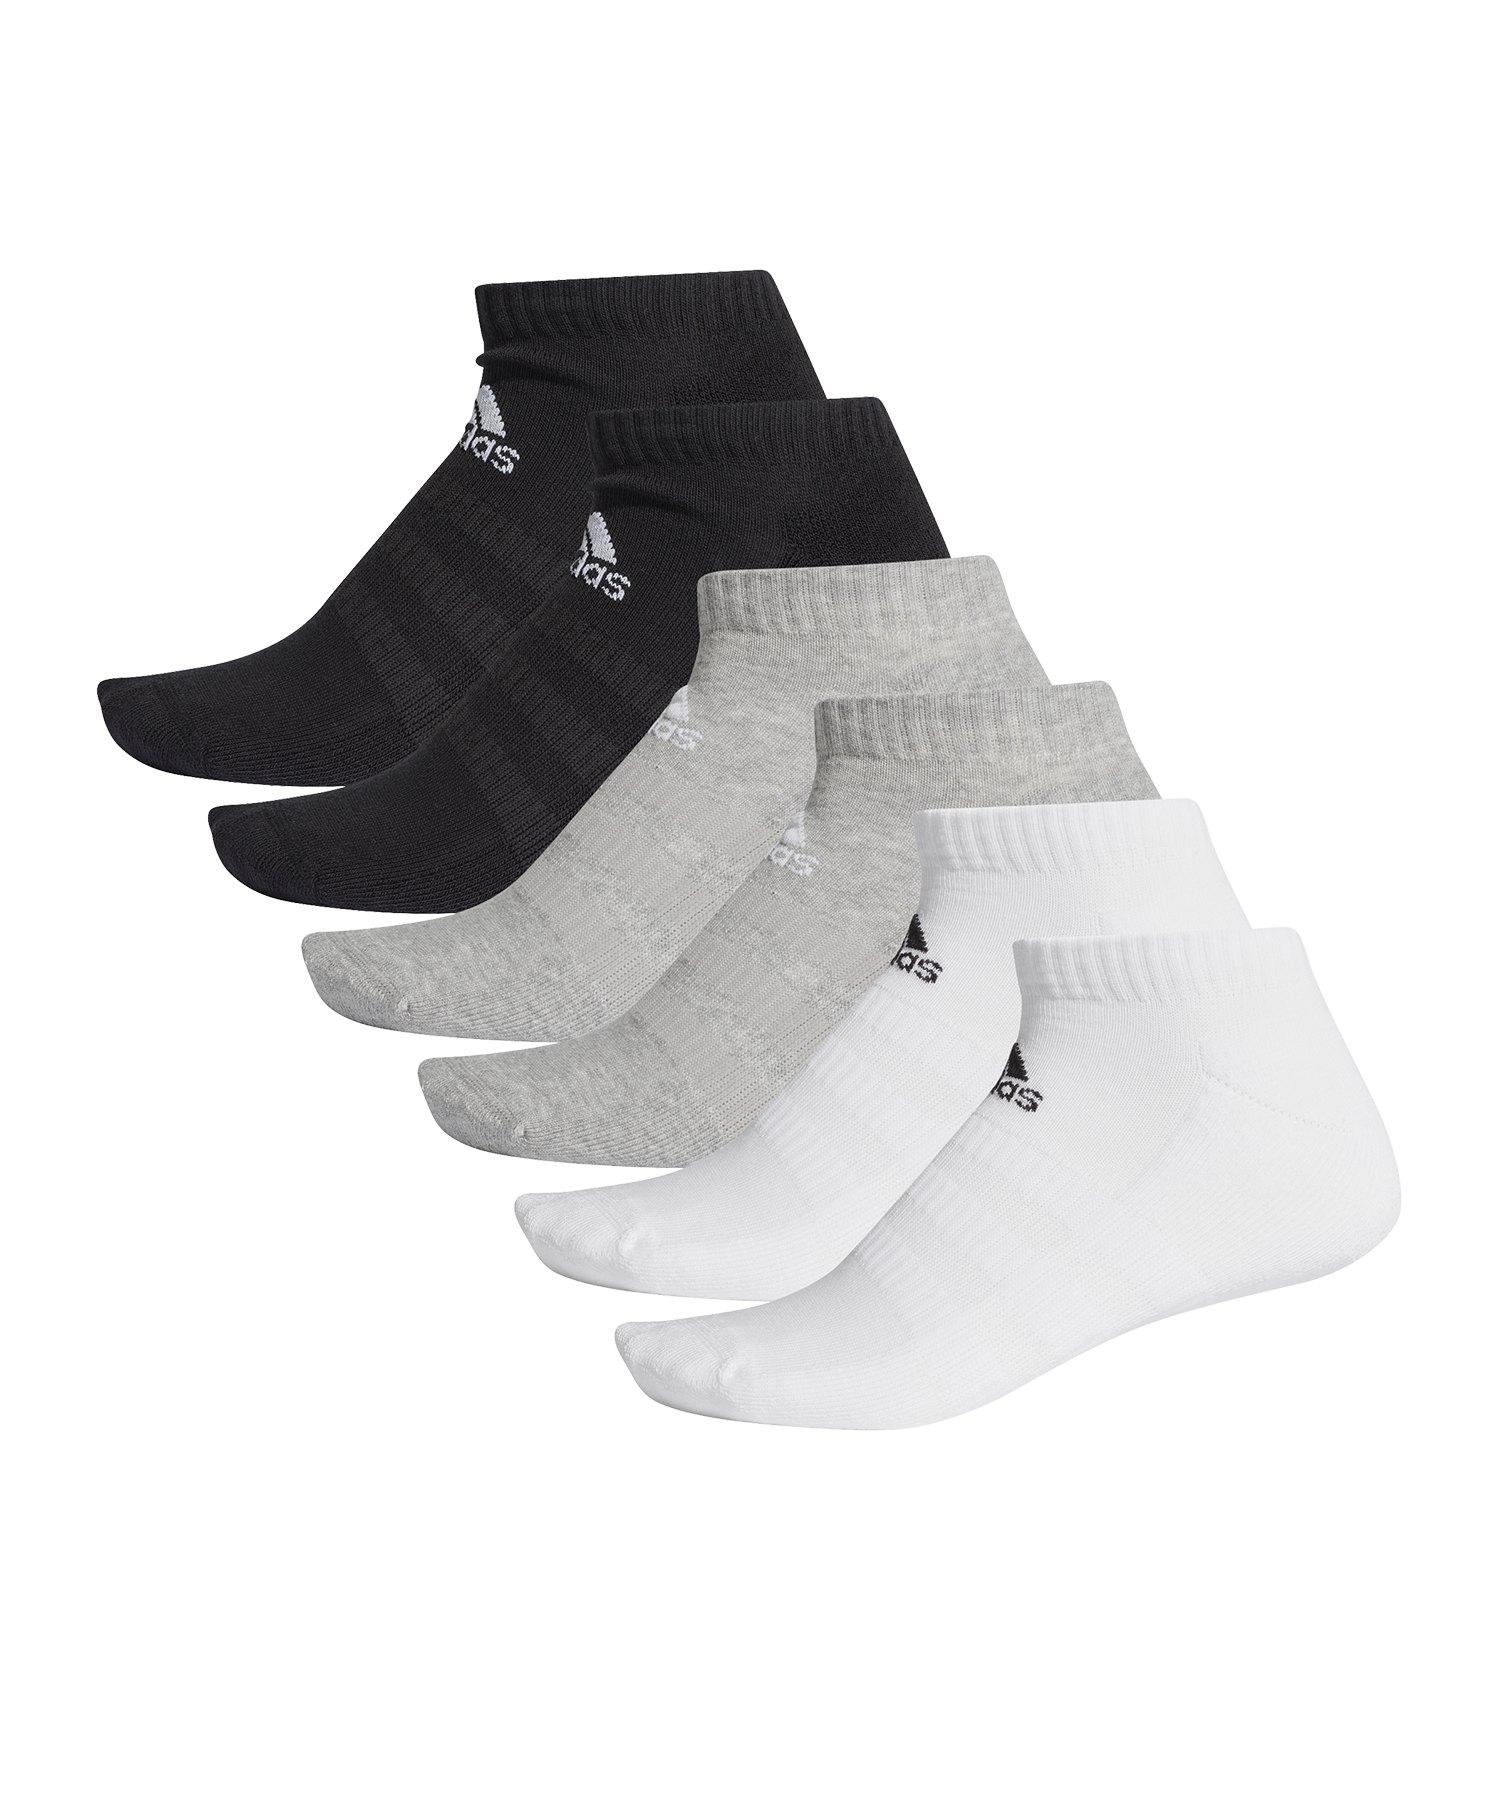 adidas Cush Low Socken Grau Weiss Schwarz - grau